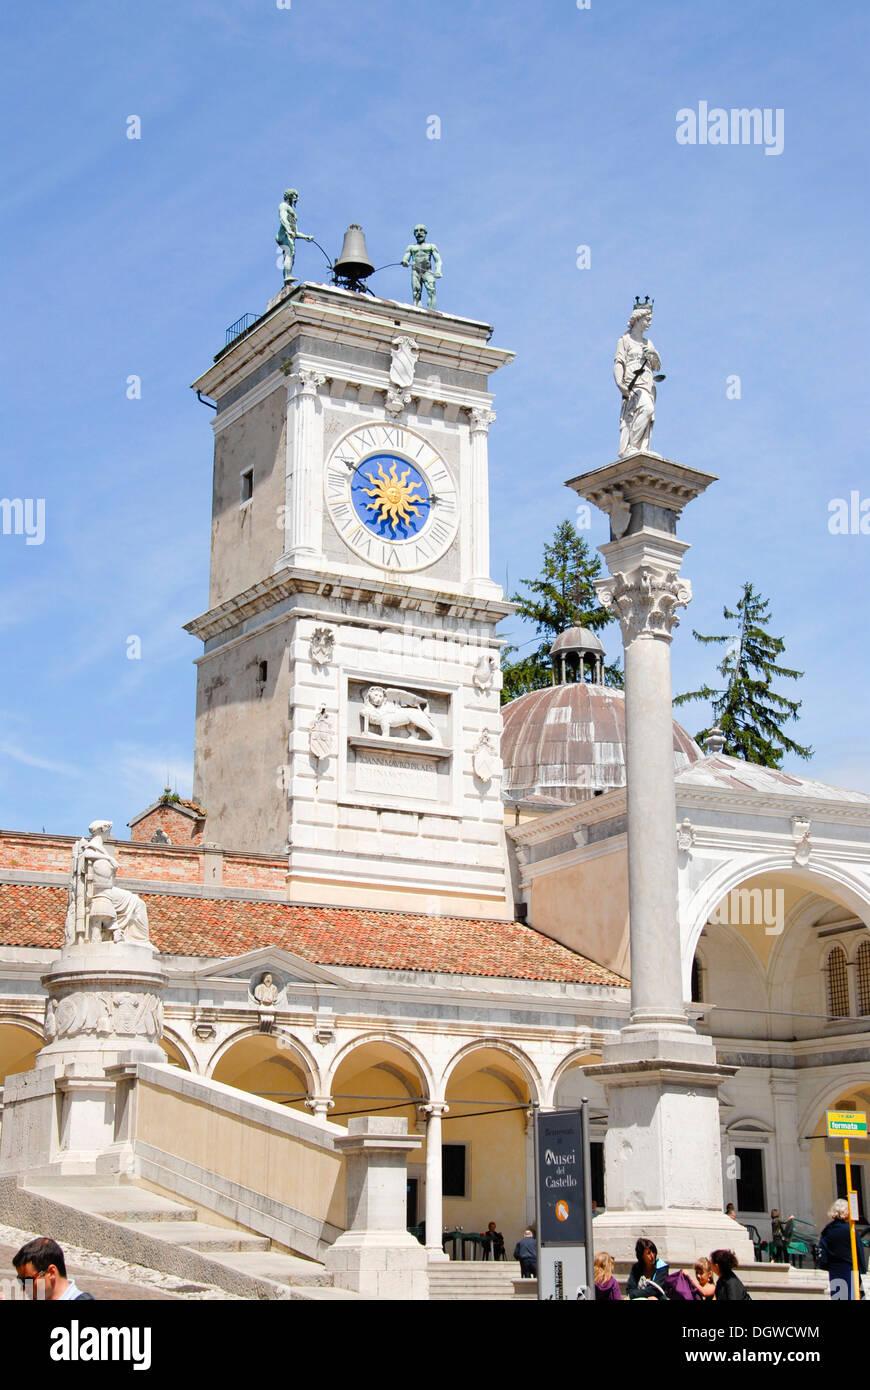 Piazza Libertà square with clock tower and columns of the Loggia di San Giovanni, old town, Udine, Friuli-Venezia Giulia, Italy - Stock Image